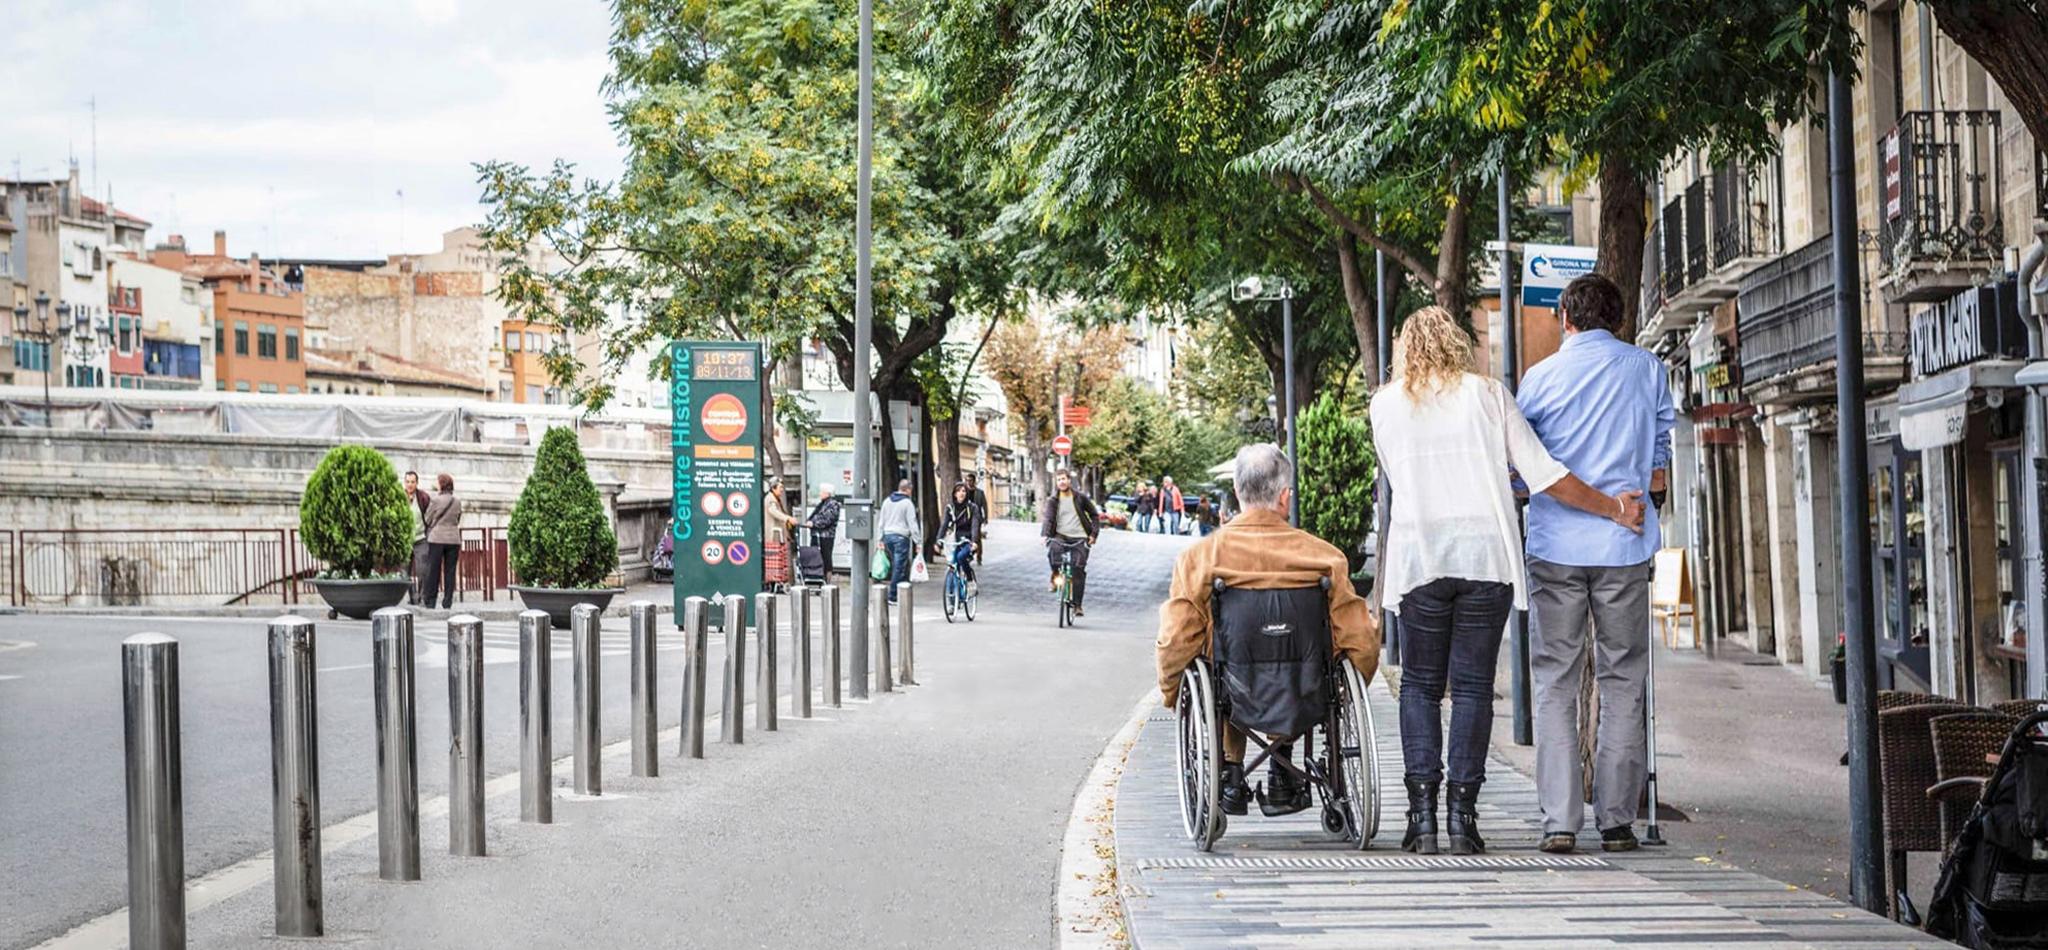 Endavant-Neurehabilitació-Girona